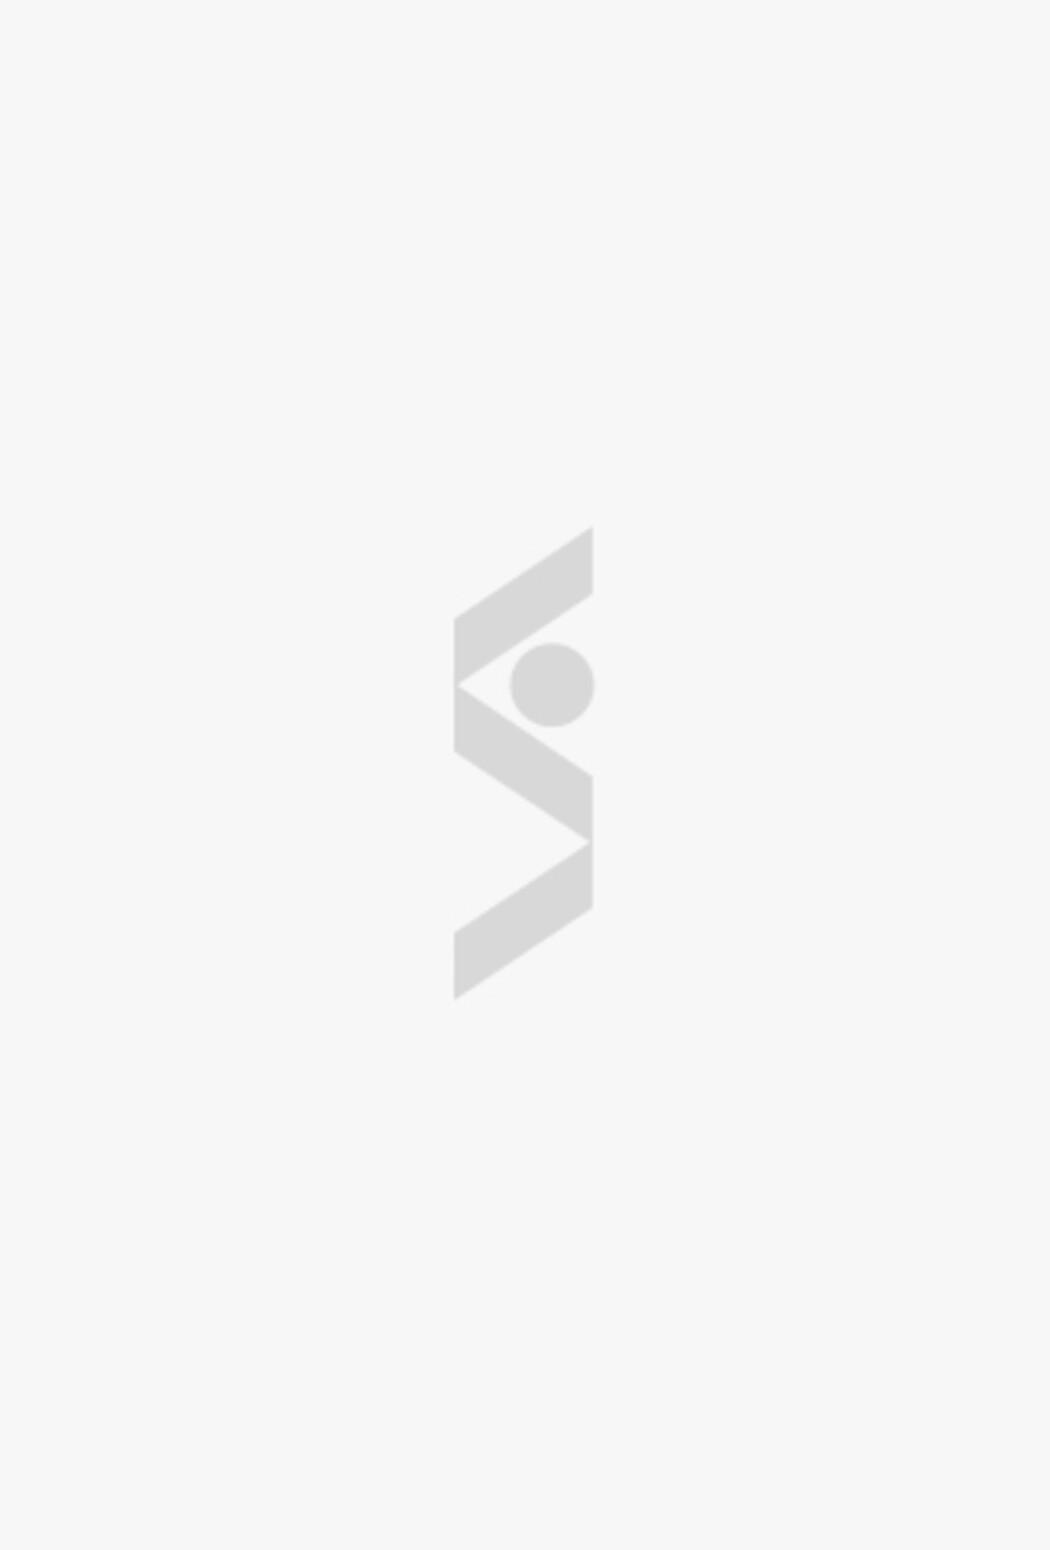 Шарф из модала с принтом Tommy Hilfiger - цена 1990 ₽ купить в интернет-магазине СТОКМАНН в Москве